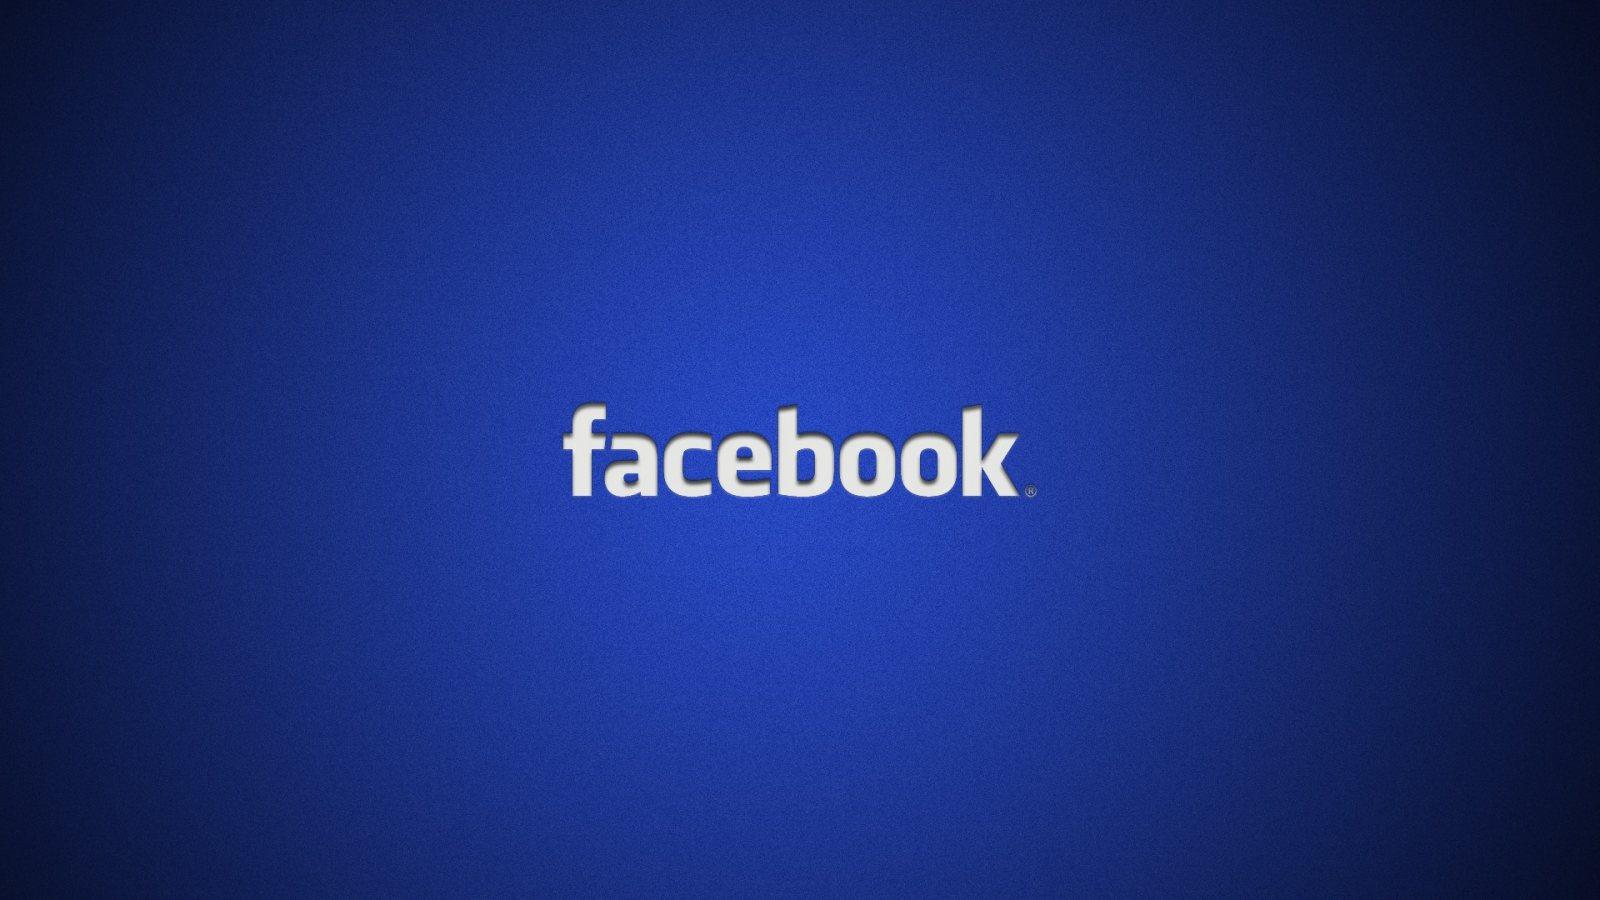 فايسبوك و تحديثها الجديد لتطبيقها على الأندرويد و أيفون